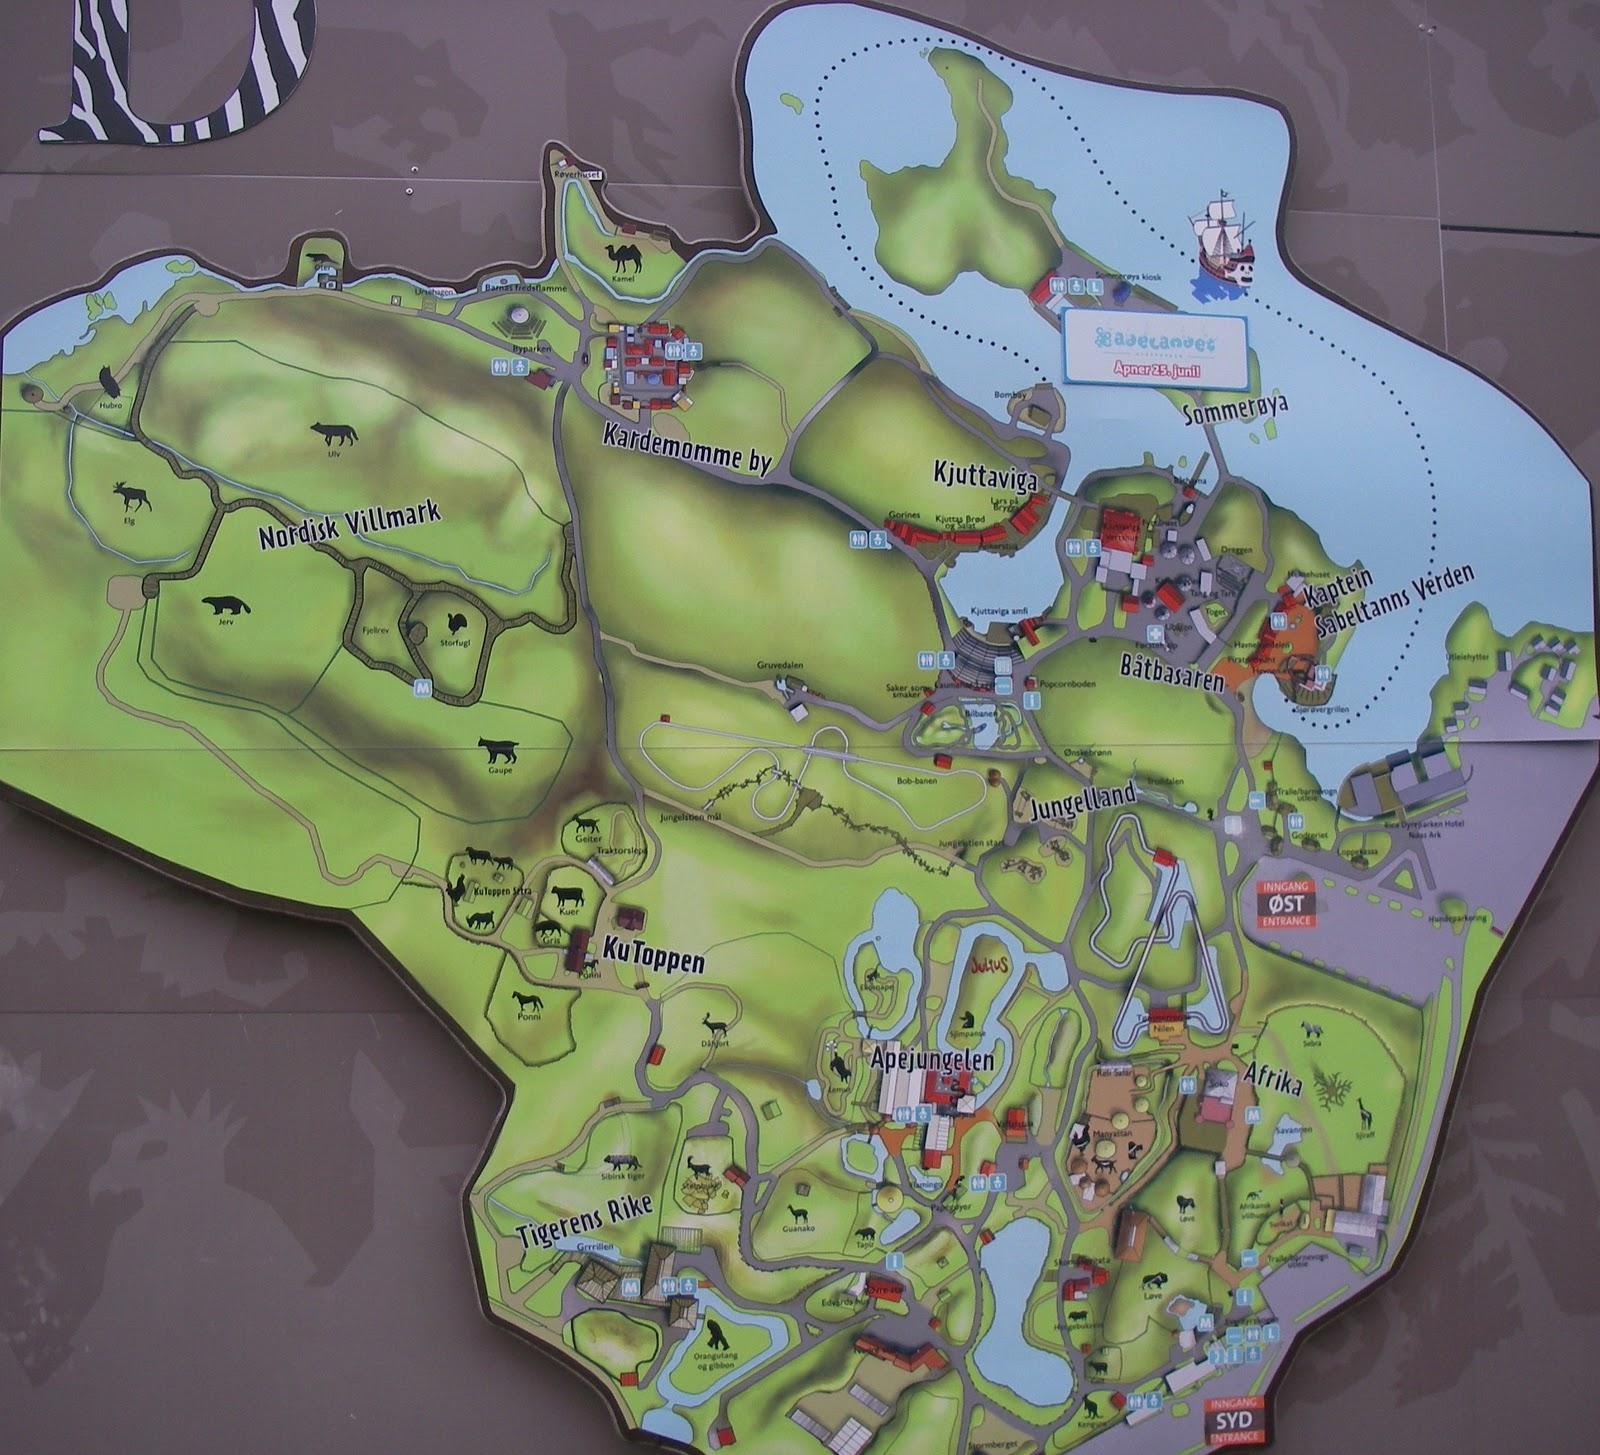 kart over kristiansand dyrepark Lille meg: Dyreparken kart over kristiansand dyrepark